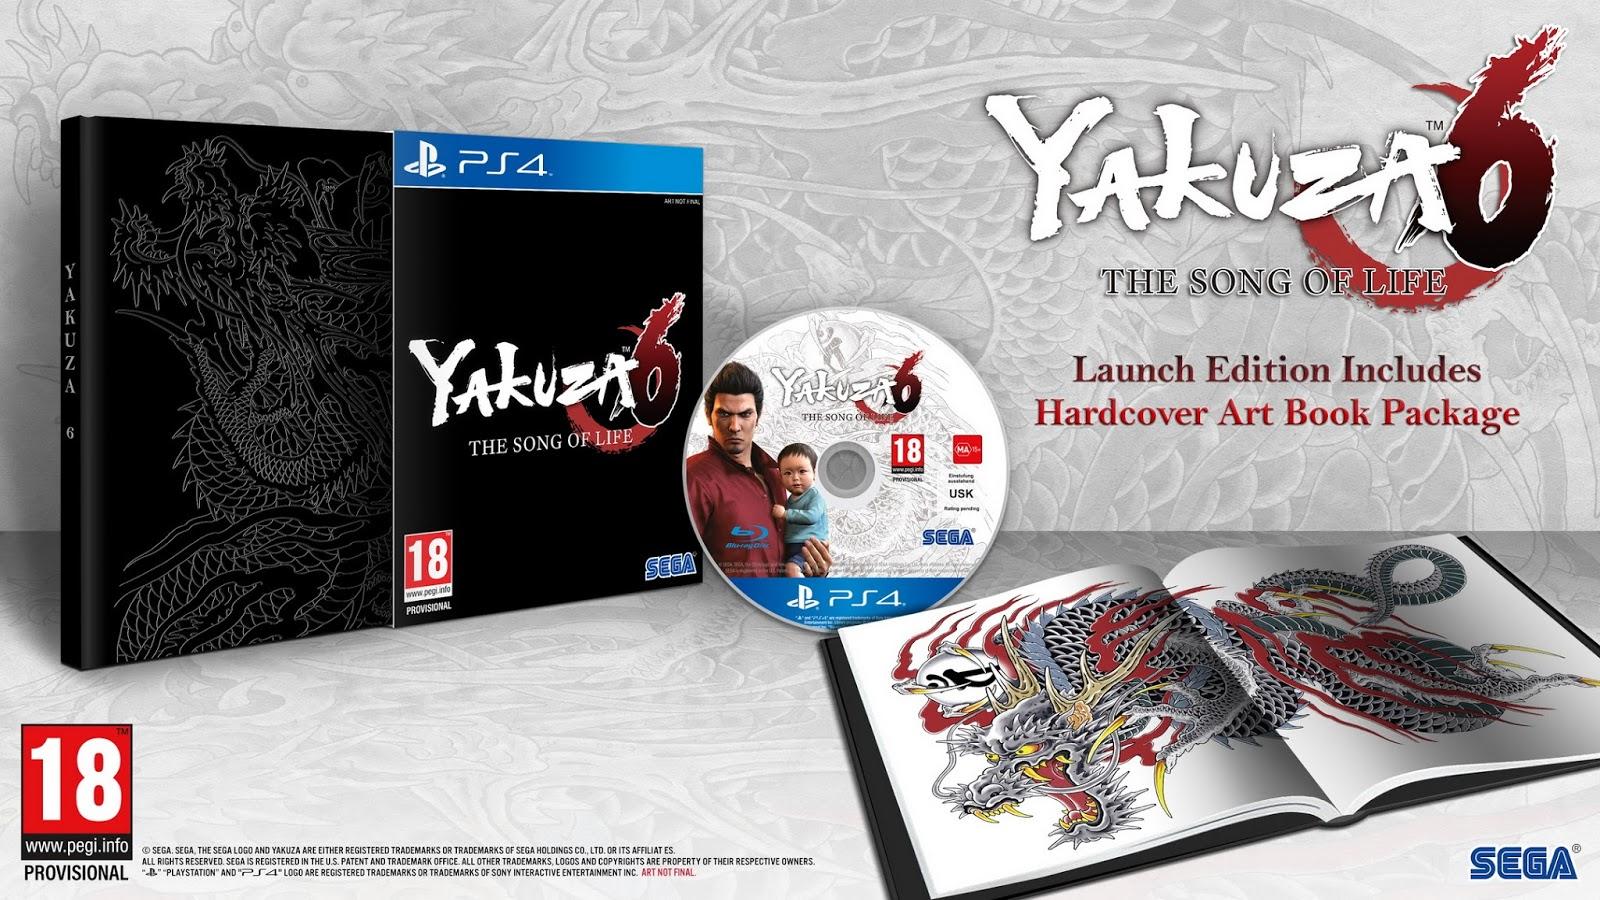 Yakuza 6: The Son of Life llegará el 20 de marzo